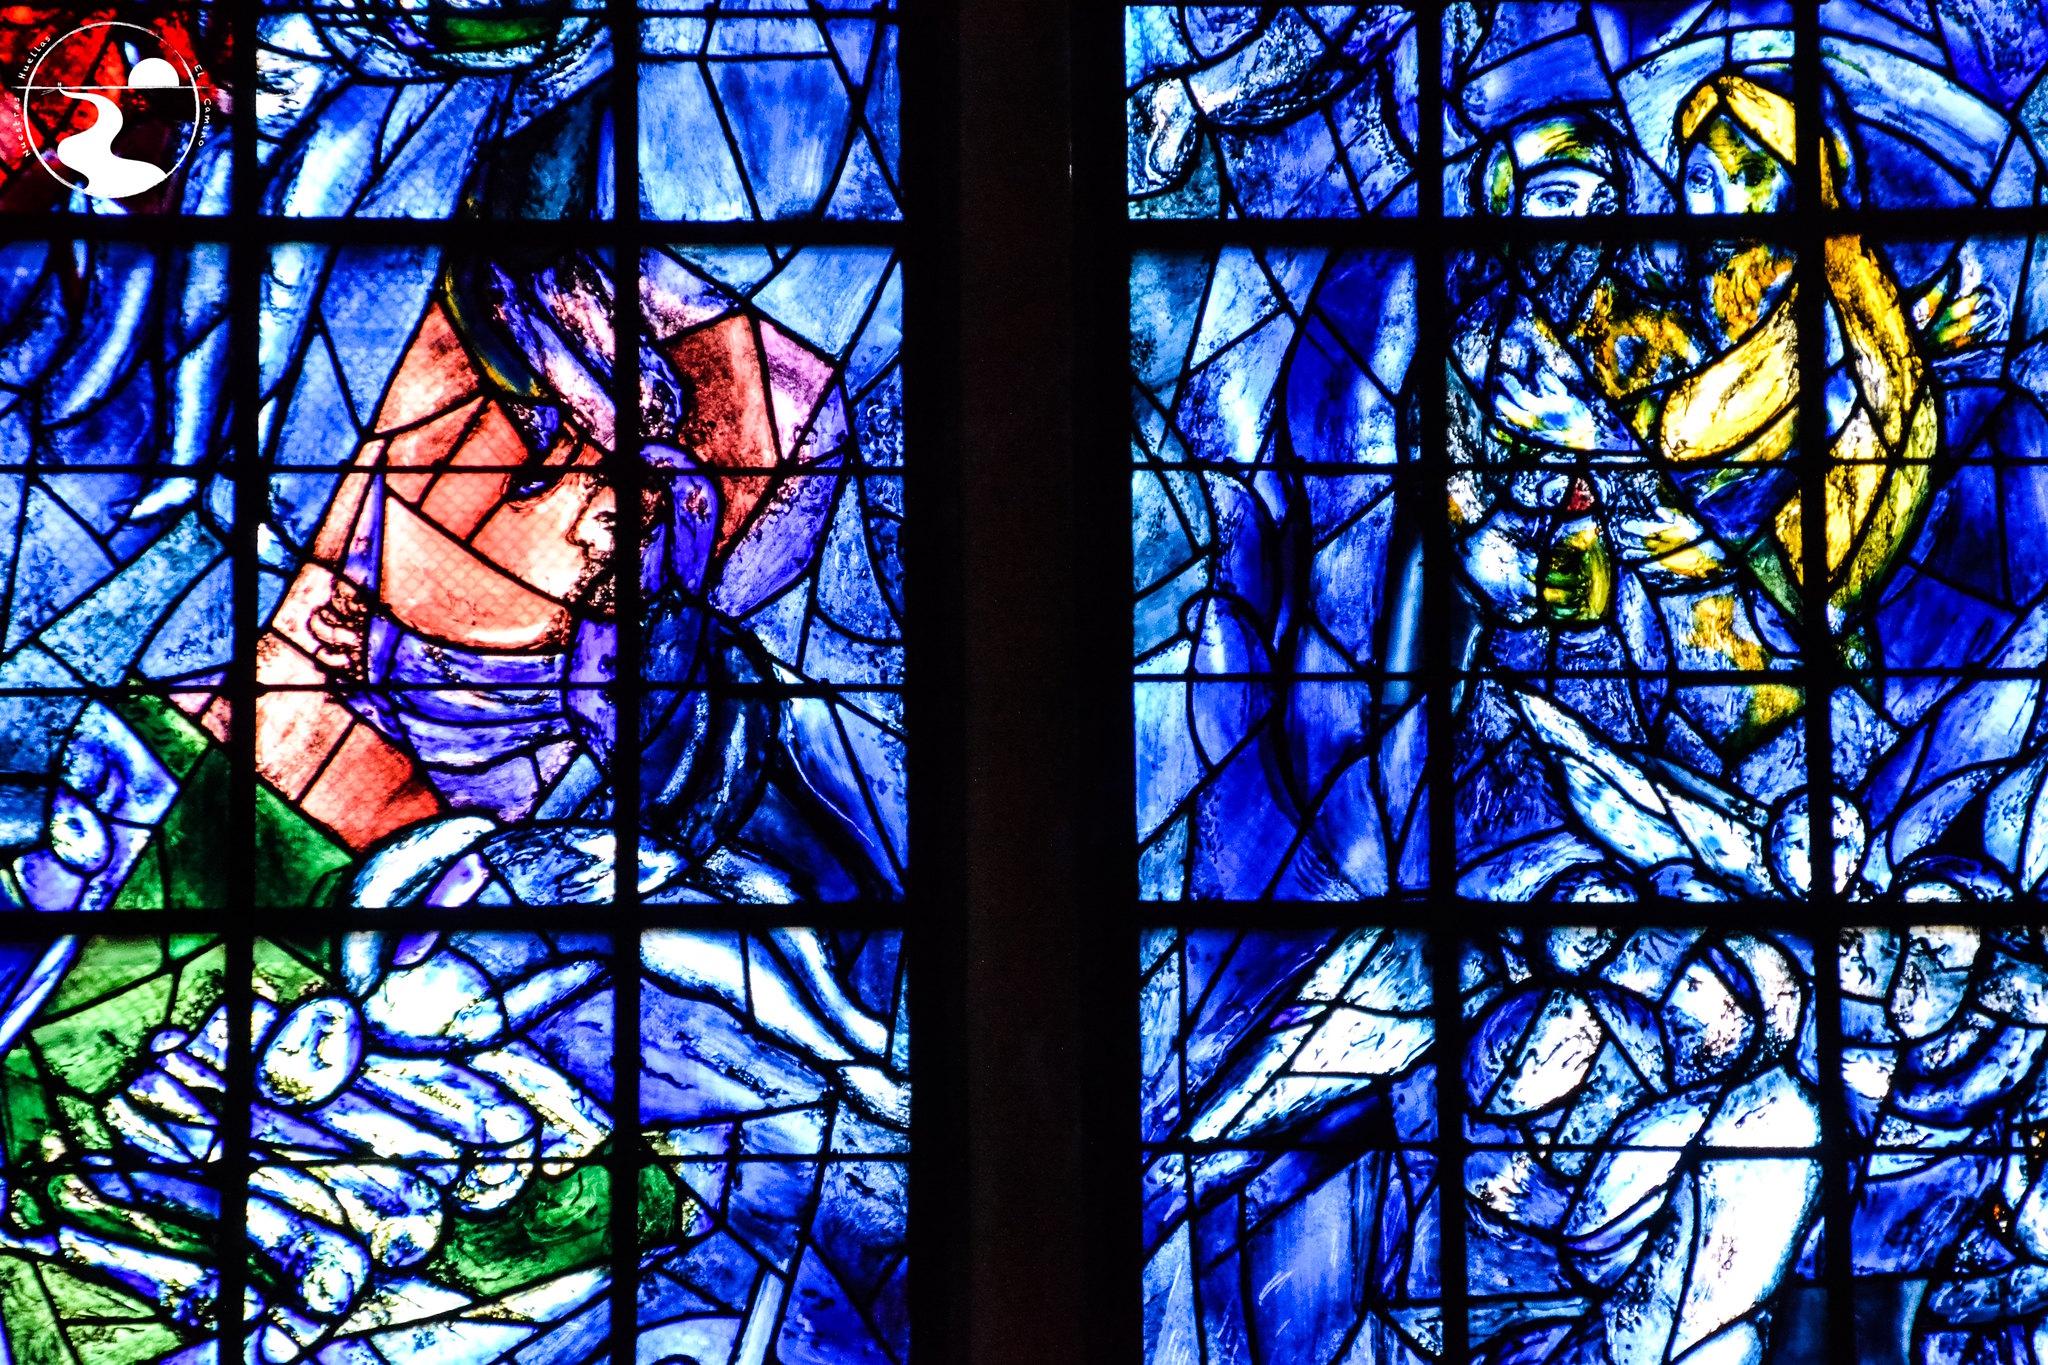 Vidrieras de la catedral de Reims, M. Chagall